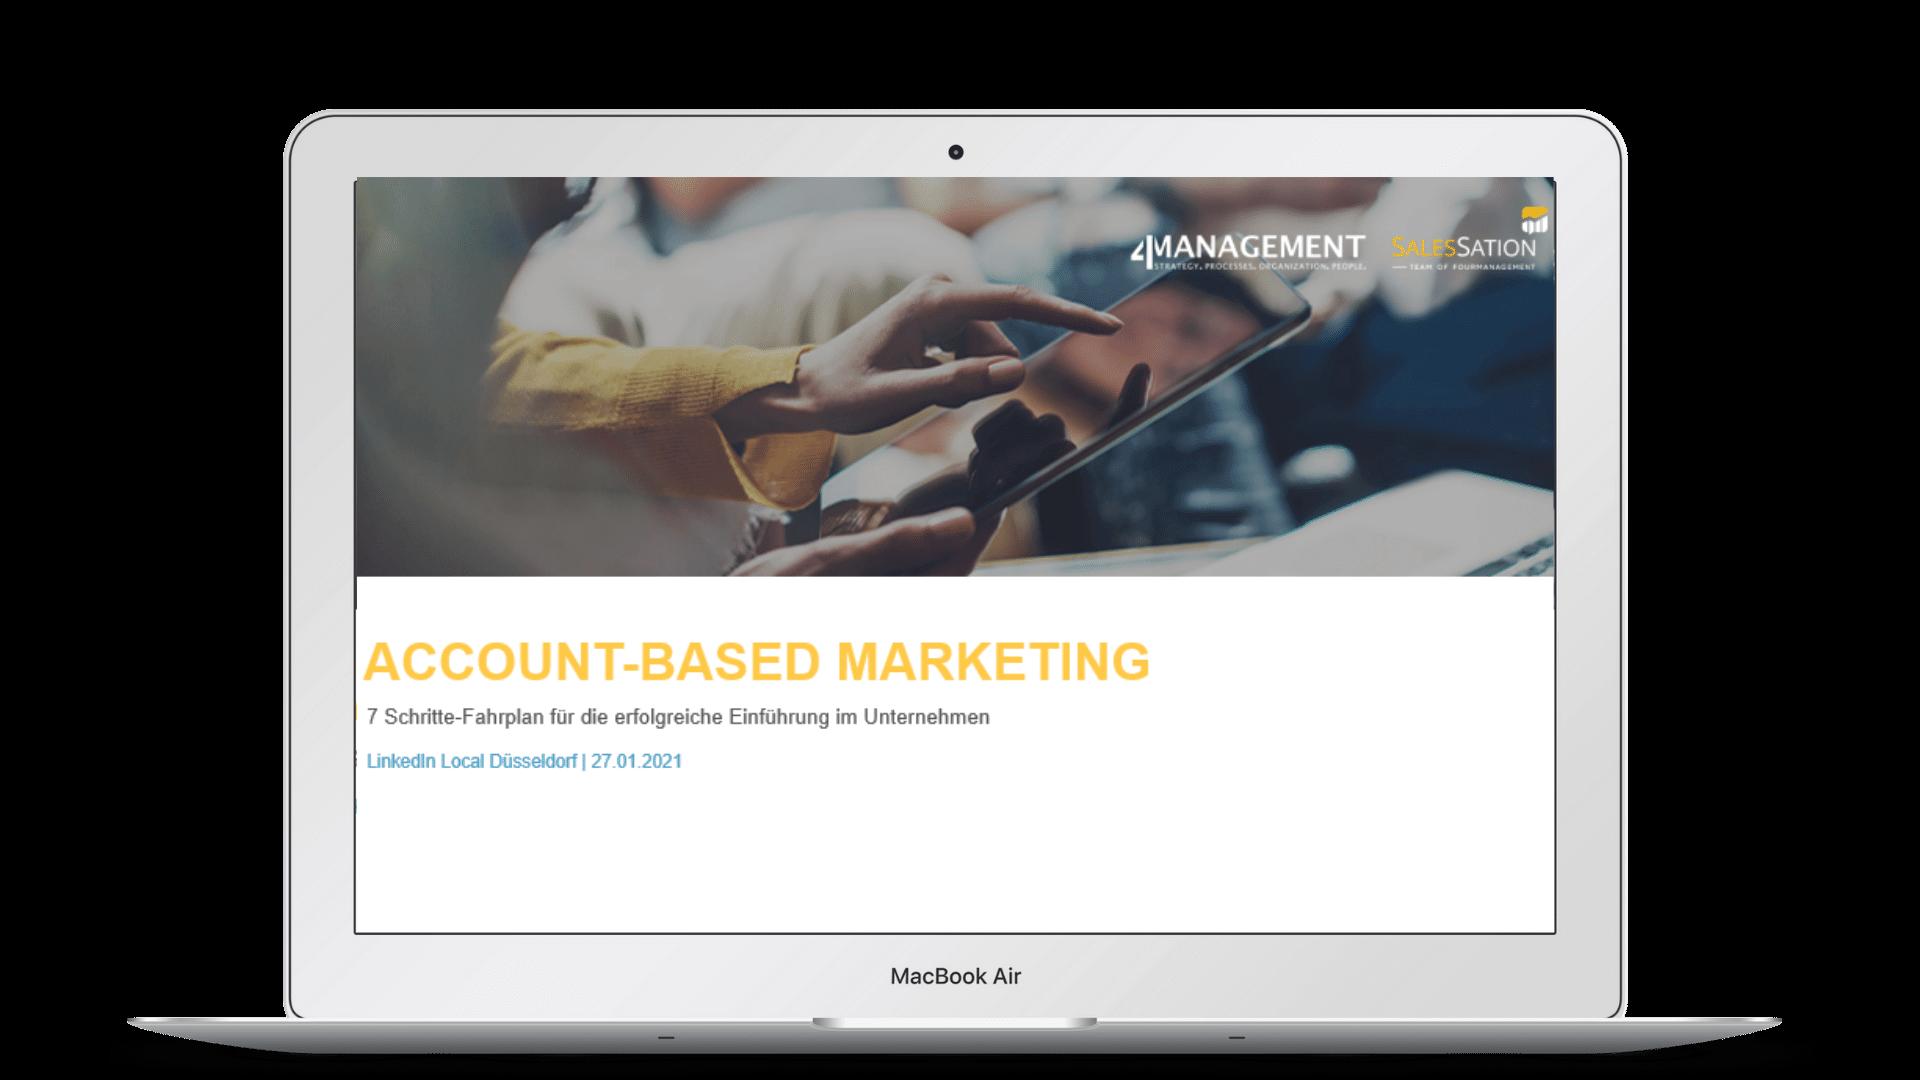 leitfaden-account-based-marketing-7-schritte-fahrplan-SalesSation